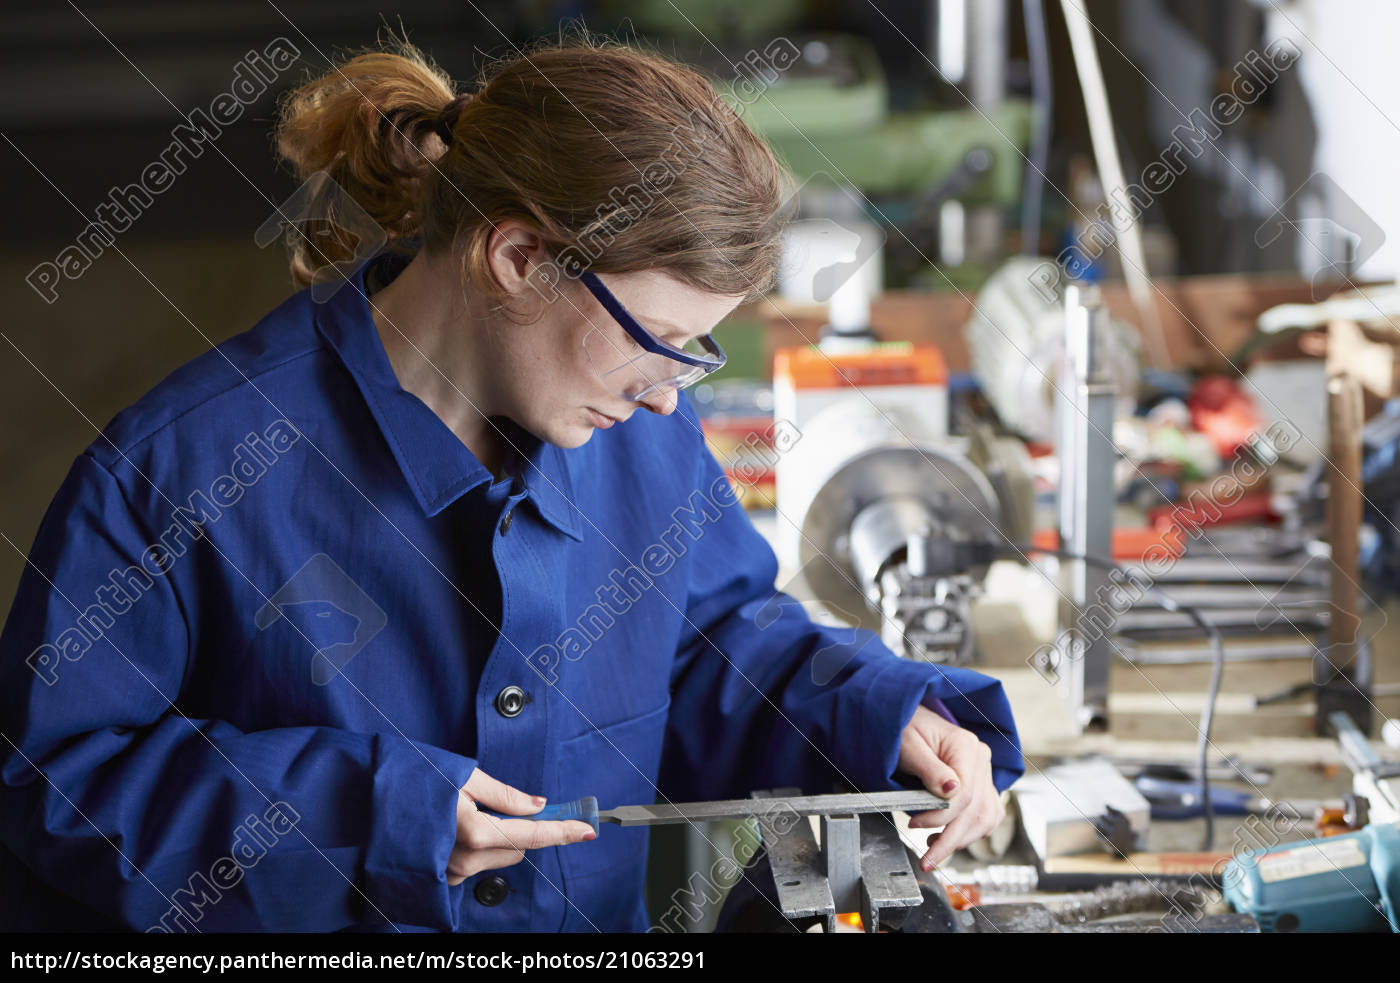 deutschland, kaufbeuren, frauen, die, in, der, verarbeitenden, industrie, arbeiten - 21063291